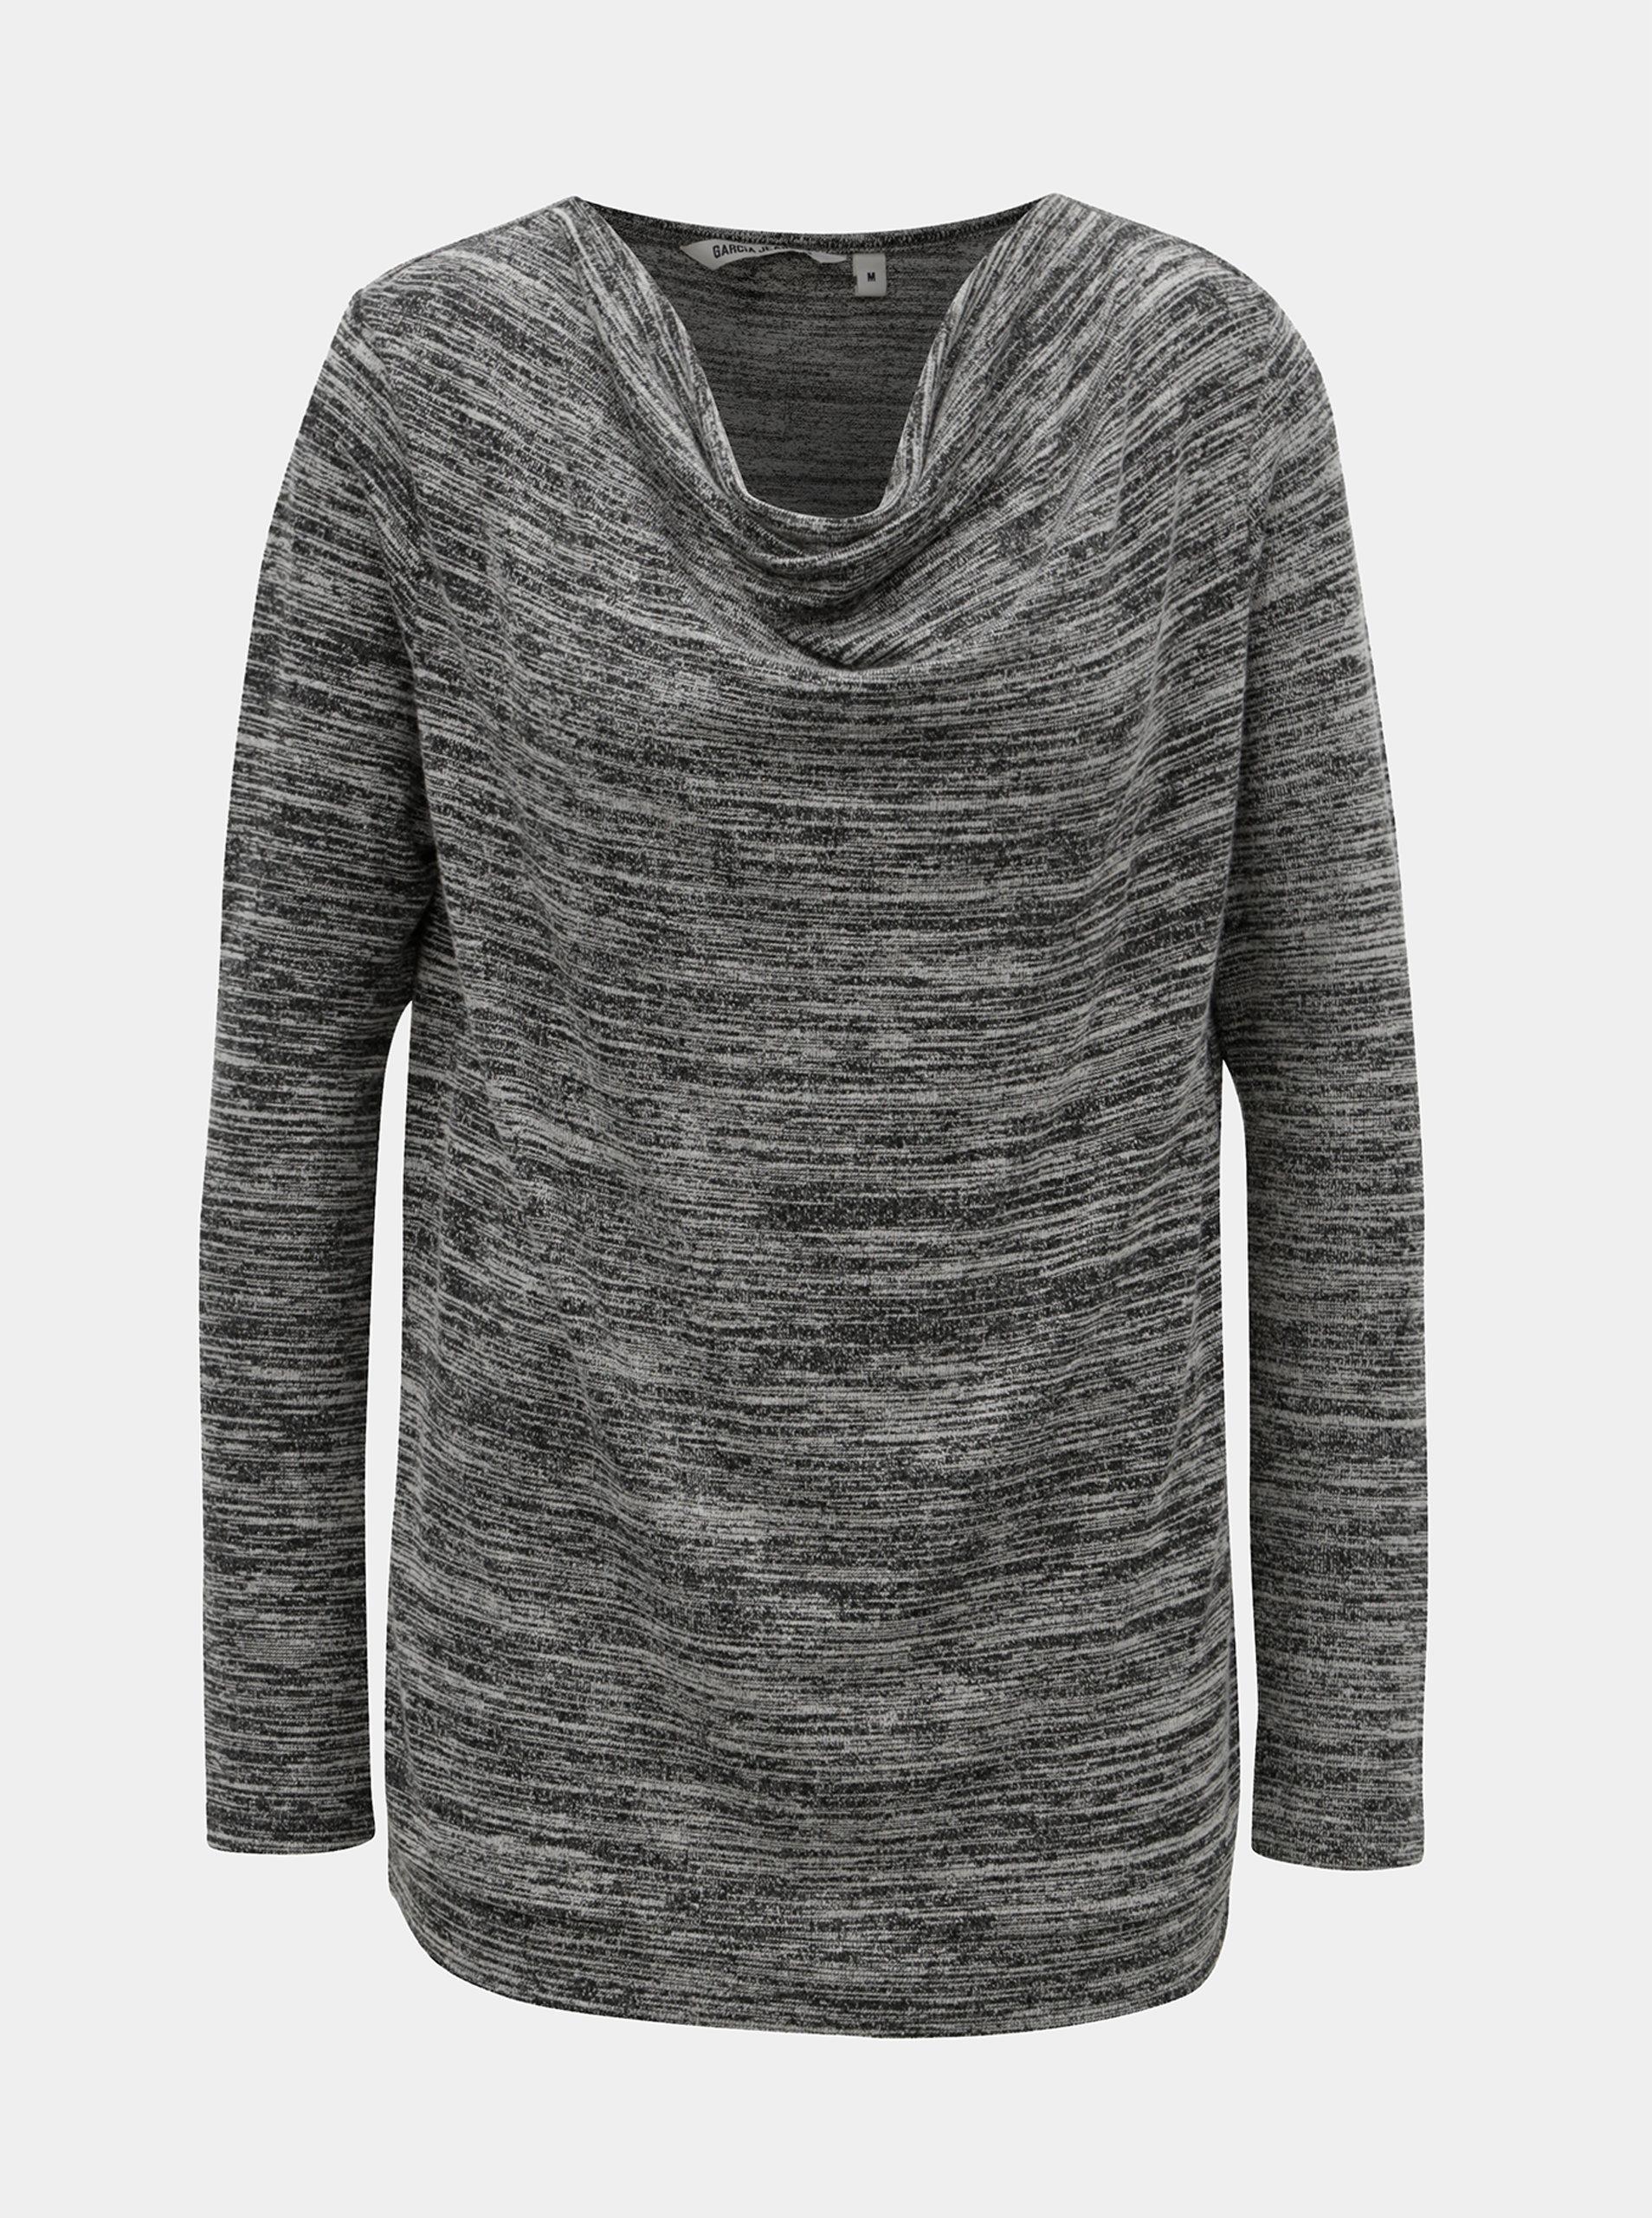 Černo-šedé dámské žíhané tričko s dlouhým rukávem Garcia Jeans ... 34634557f5